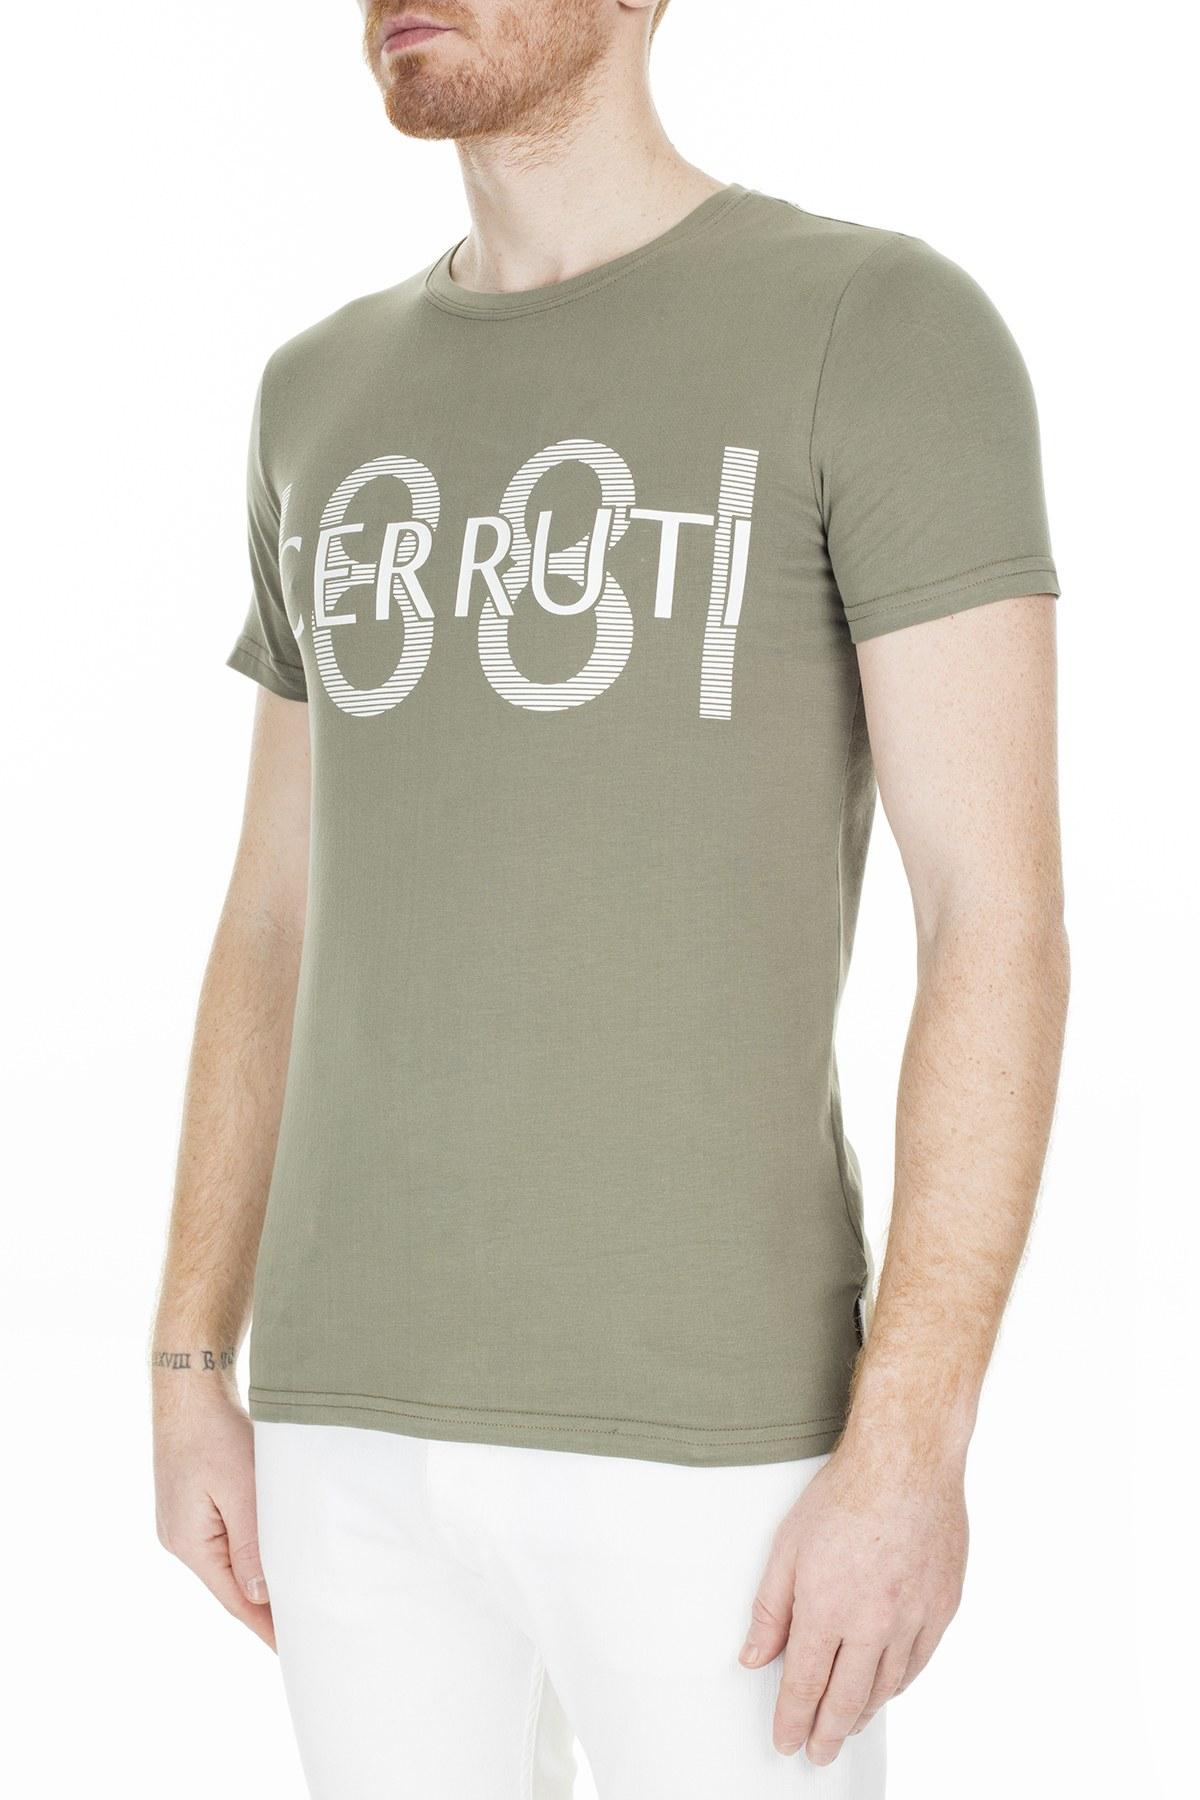 Cerruti 1881 Erkek T Shirt 203-001646 HAKİ